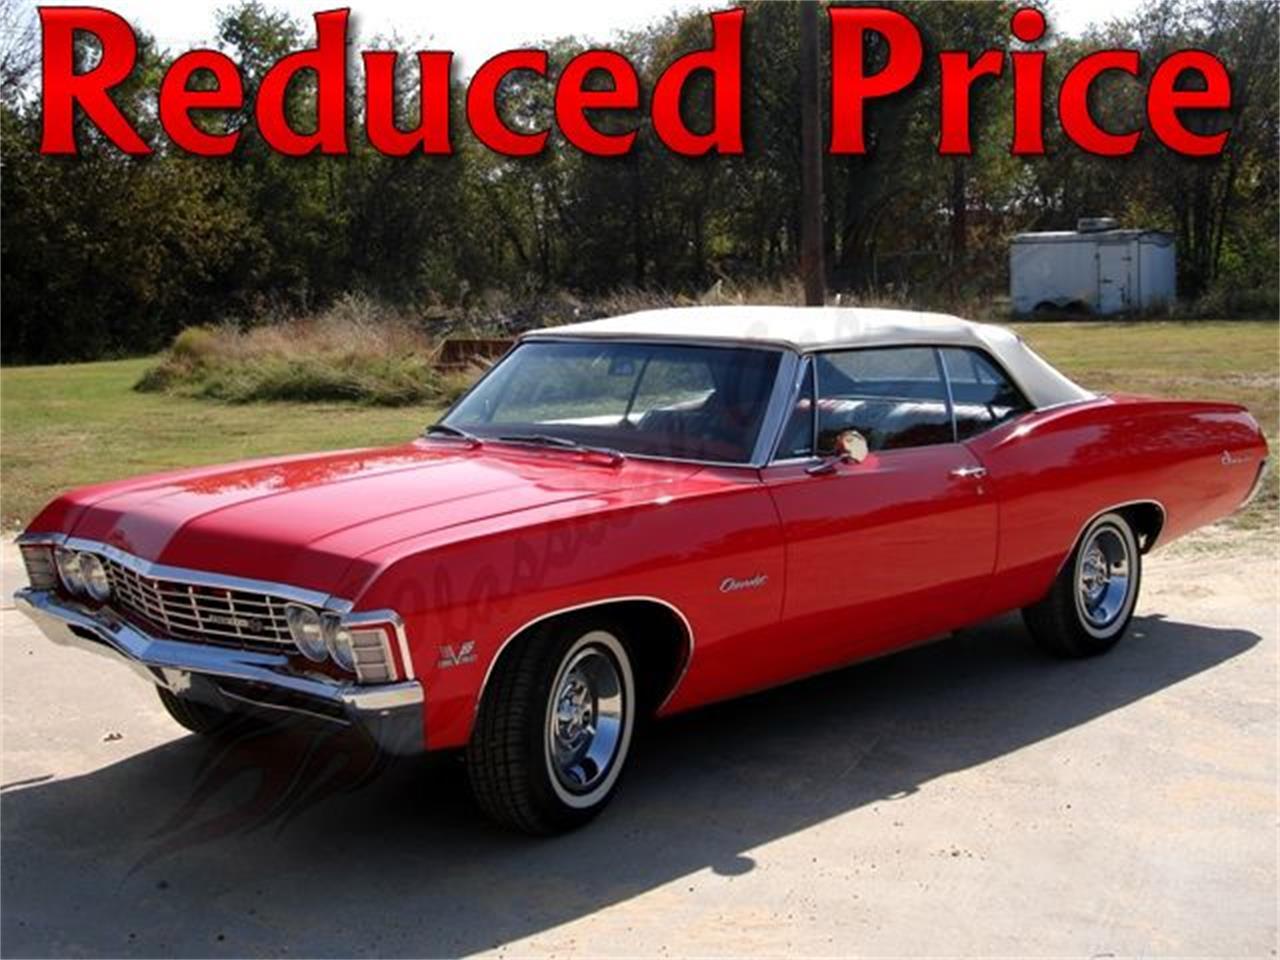 1967 Chevrolet Impala Ss For Sale Classiccars Com Cc 434710